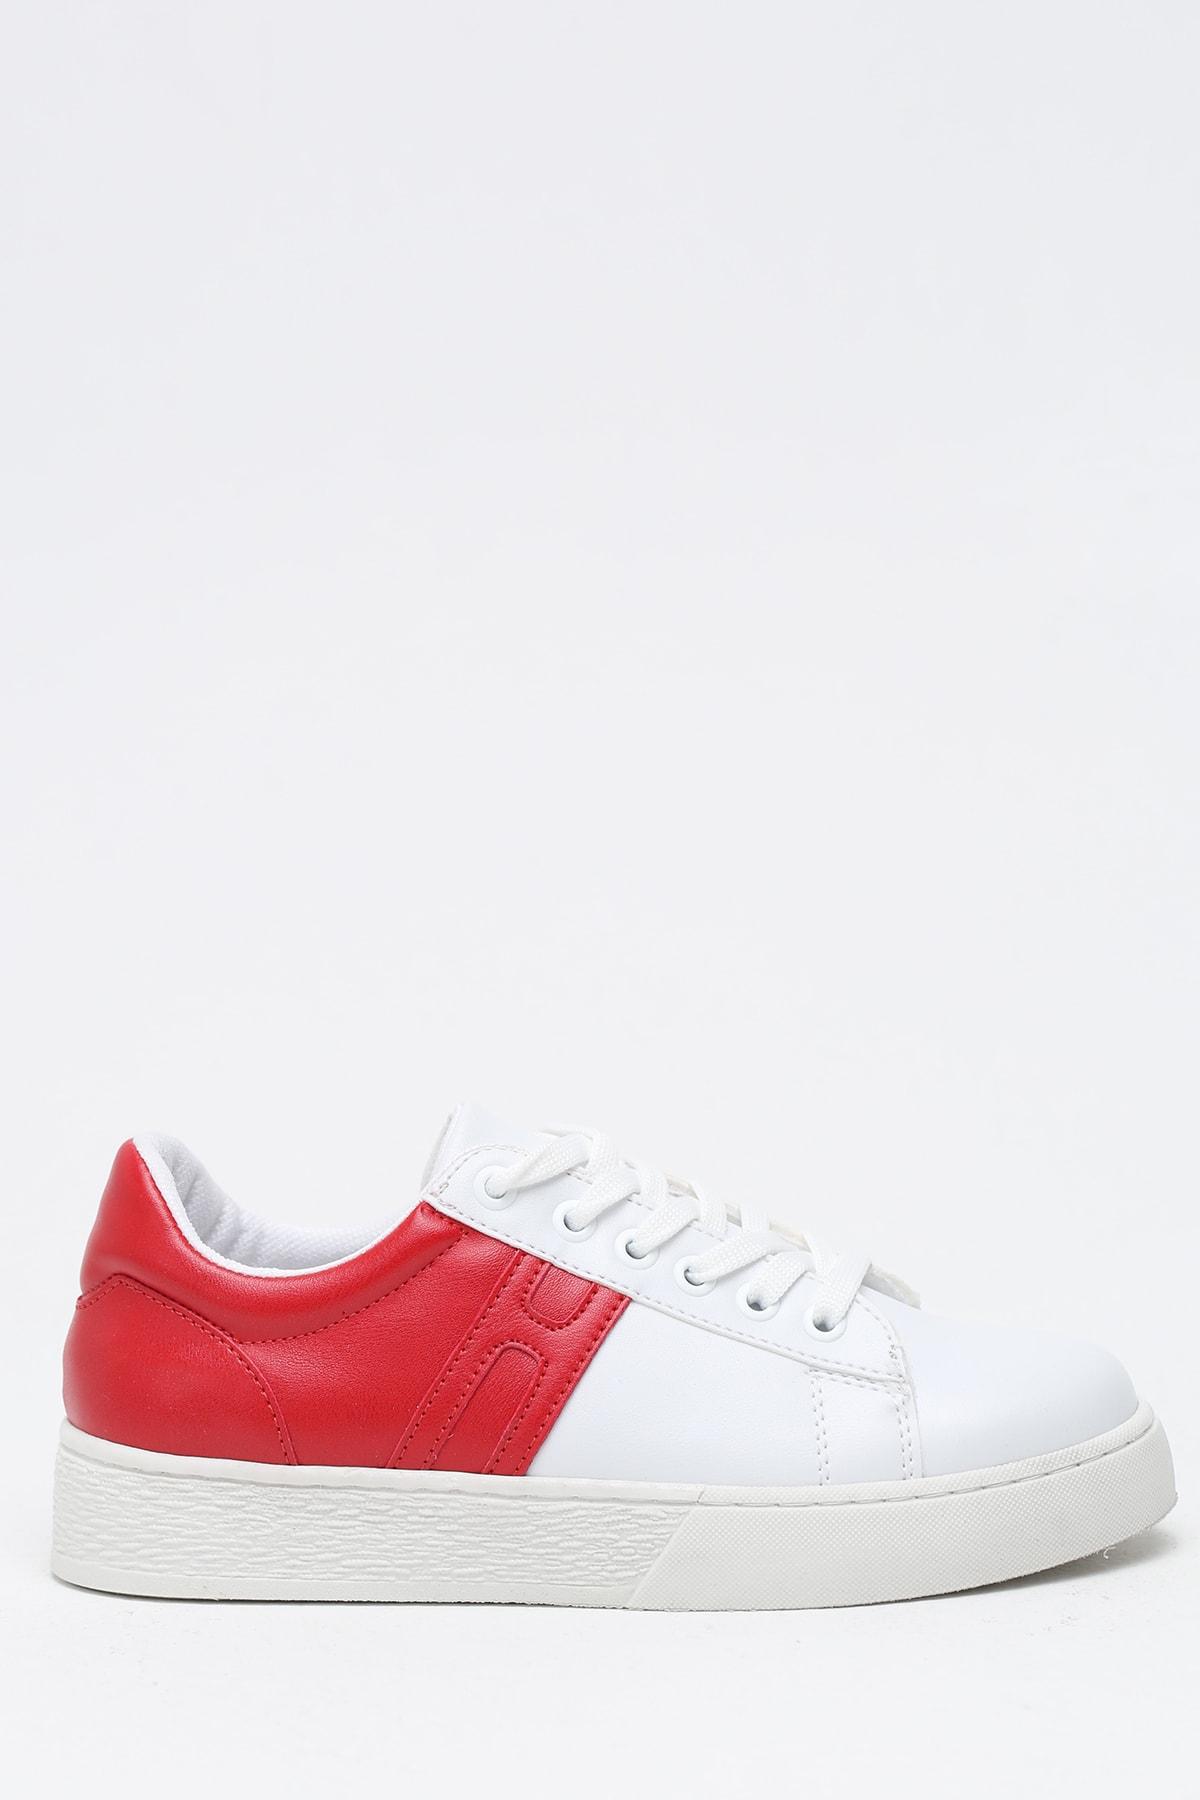 Ayakkabı Modası Beyaz Kırmızı Kadın Ayakkabı M5002-19-110017R